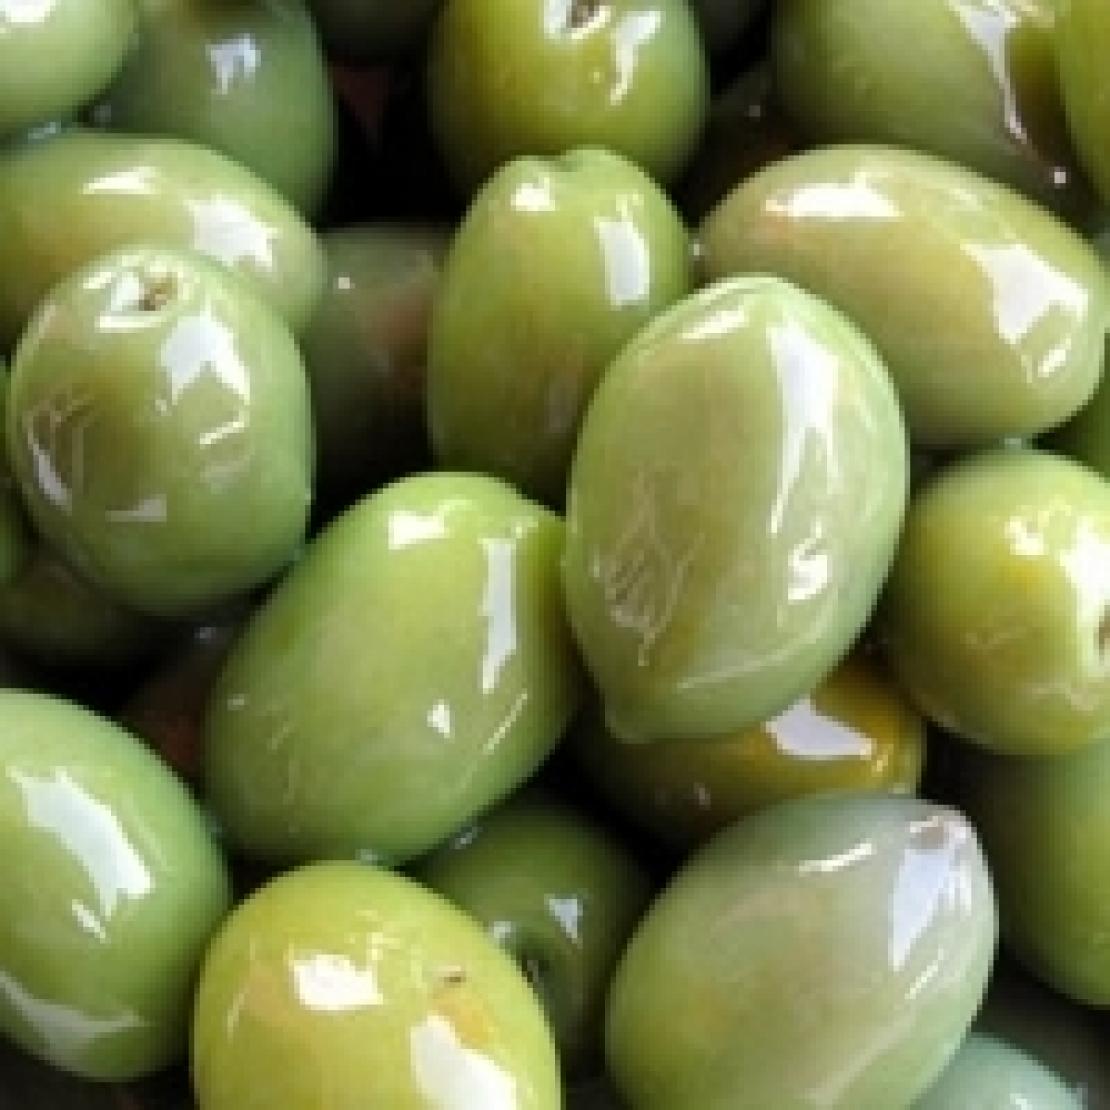 Nelle olive verdi un probiotico vegetale naturale, utile al nostro benessere